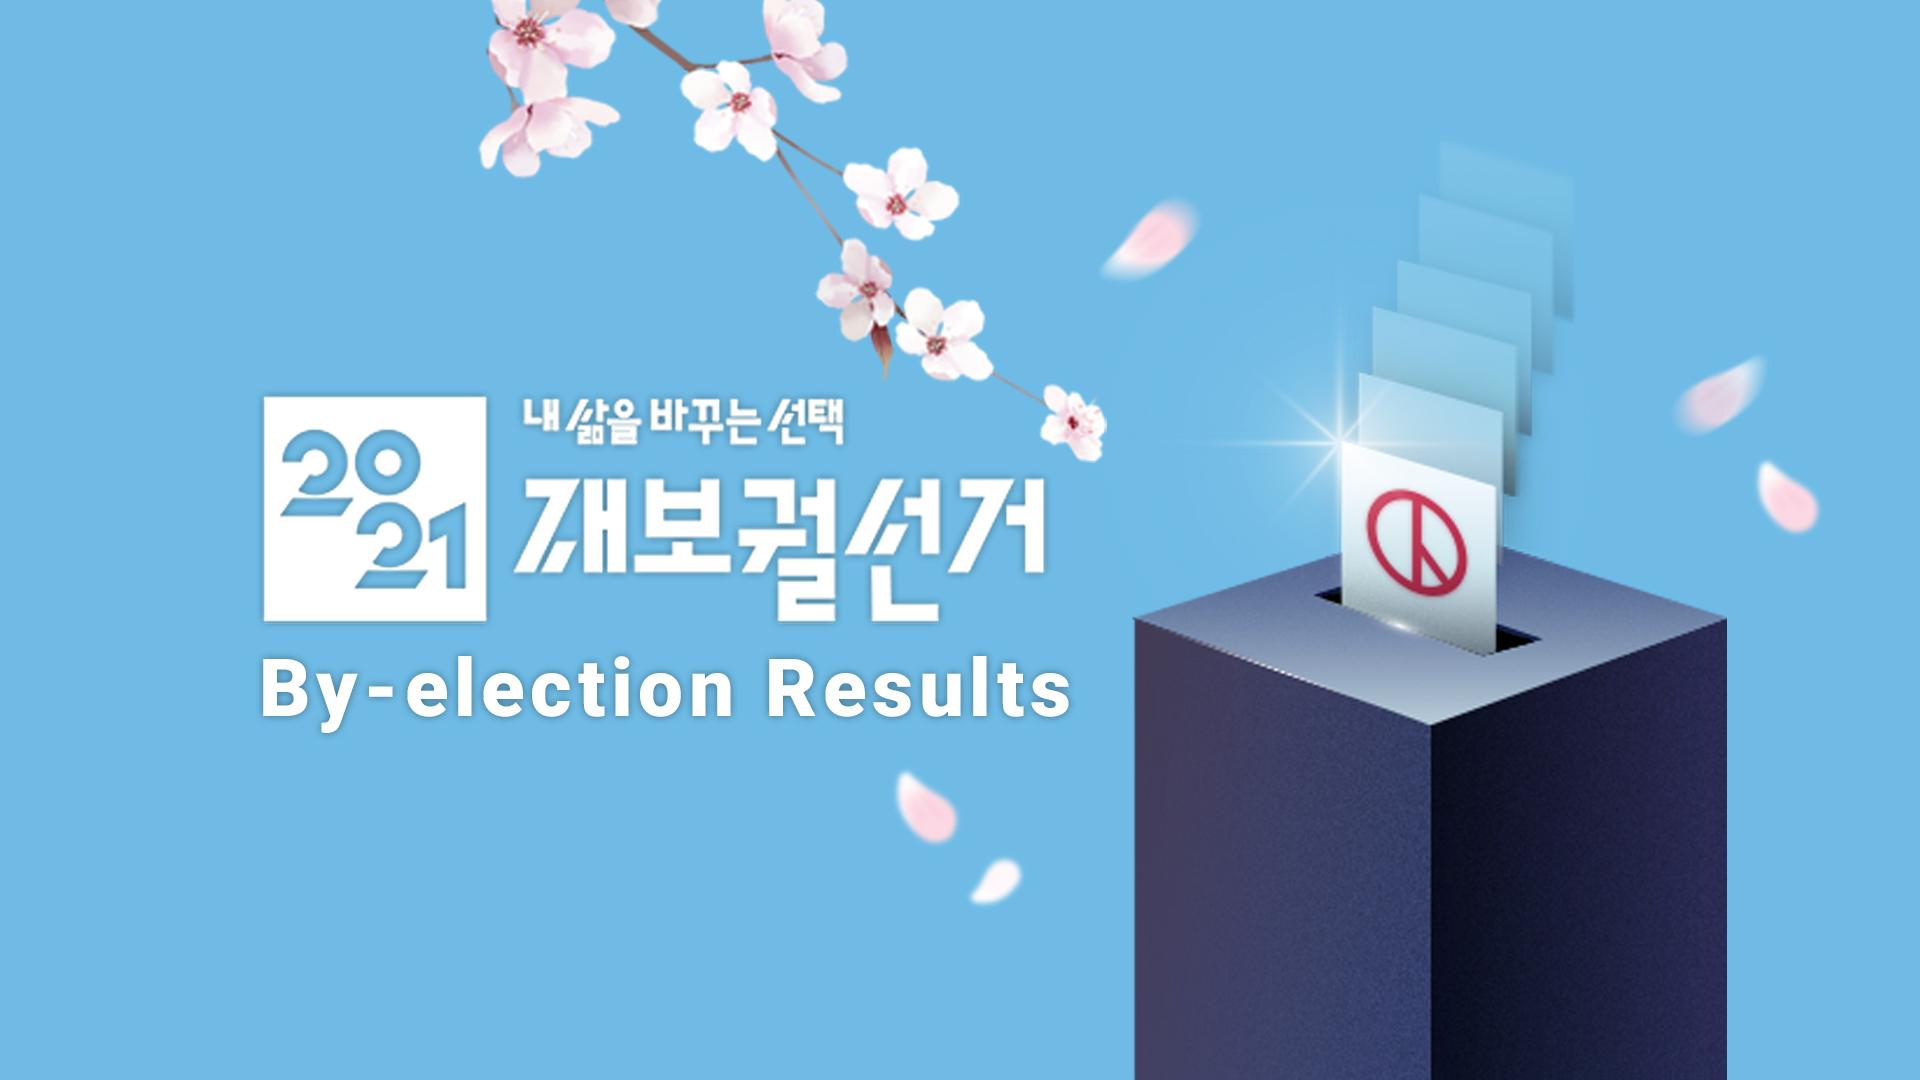 내 삶을 바꾸는 선택 2021 4.7 재보궐선거